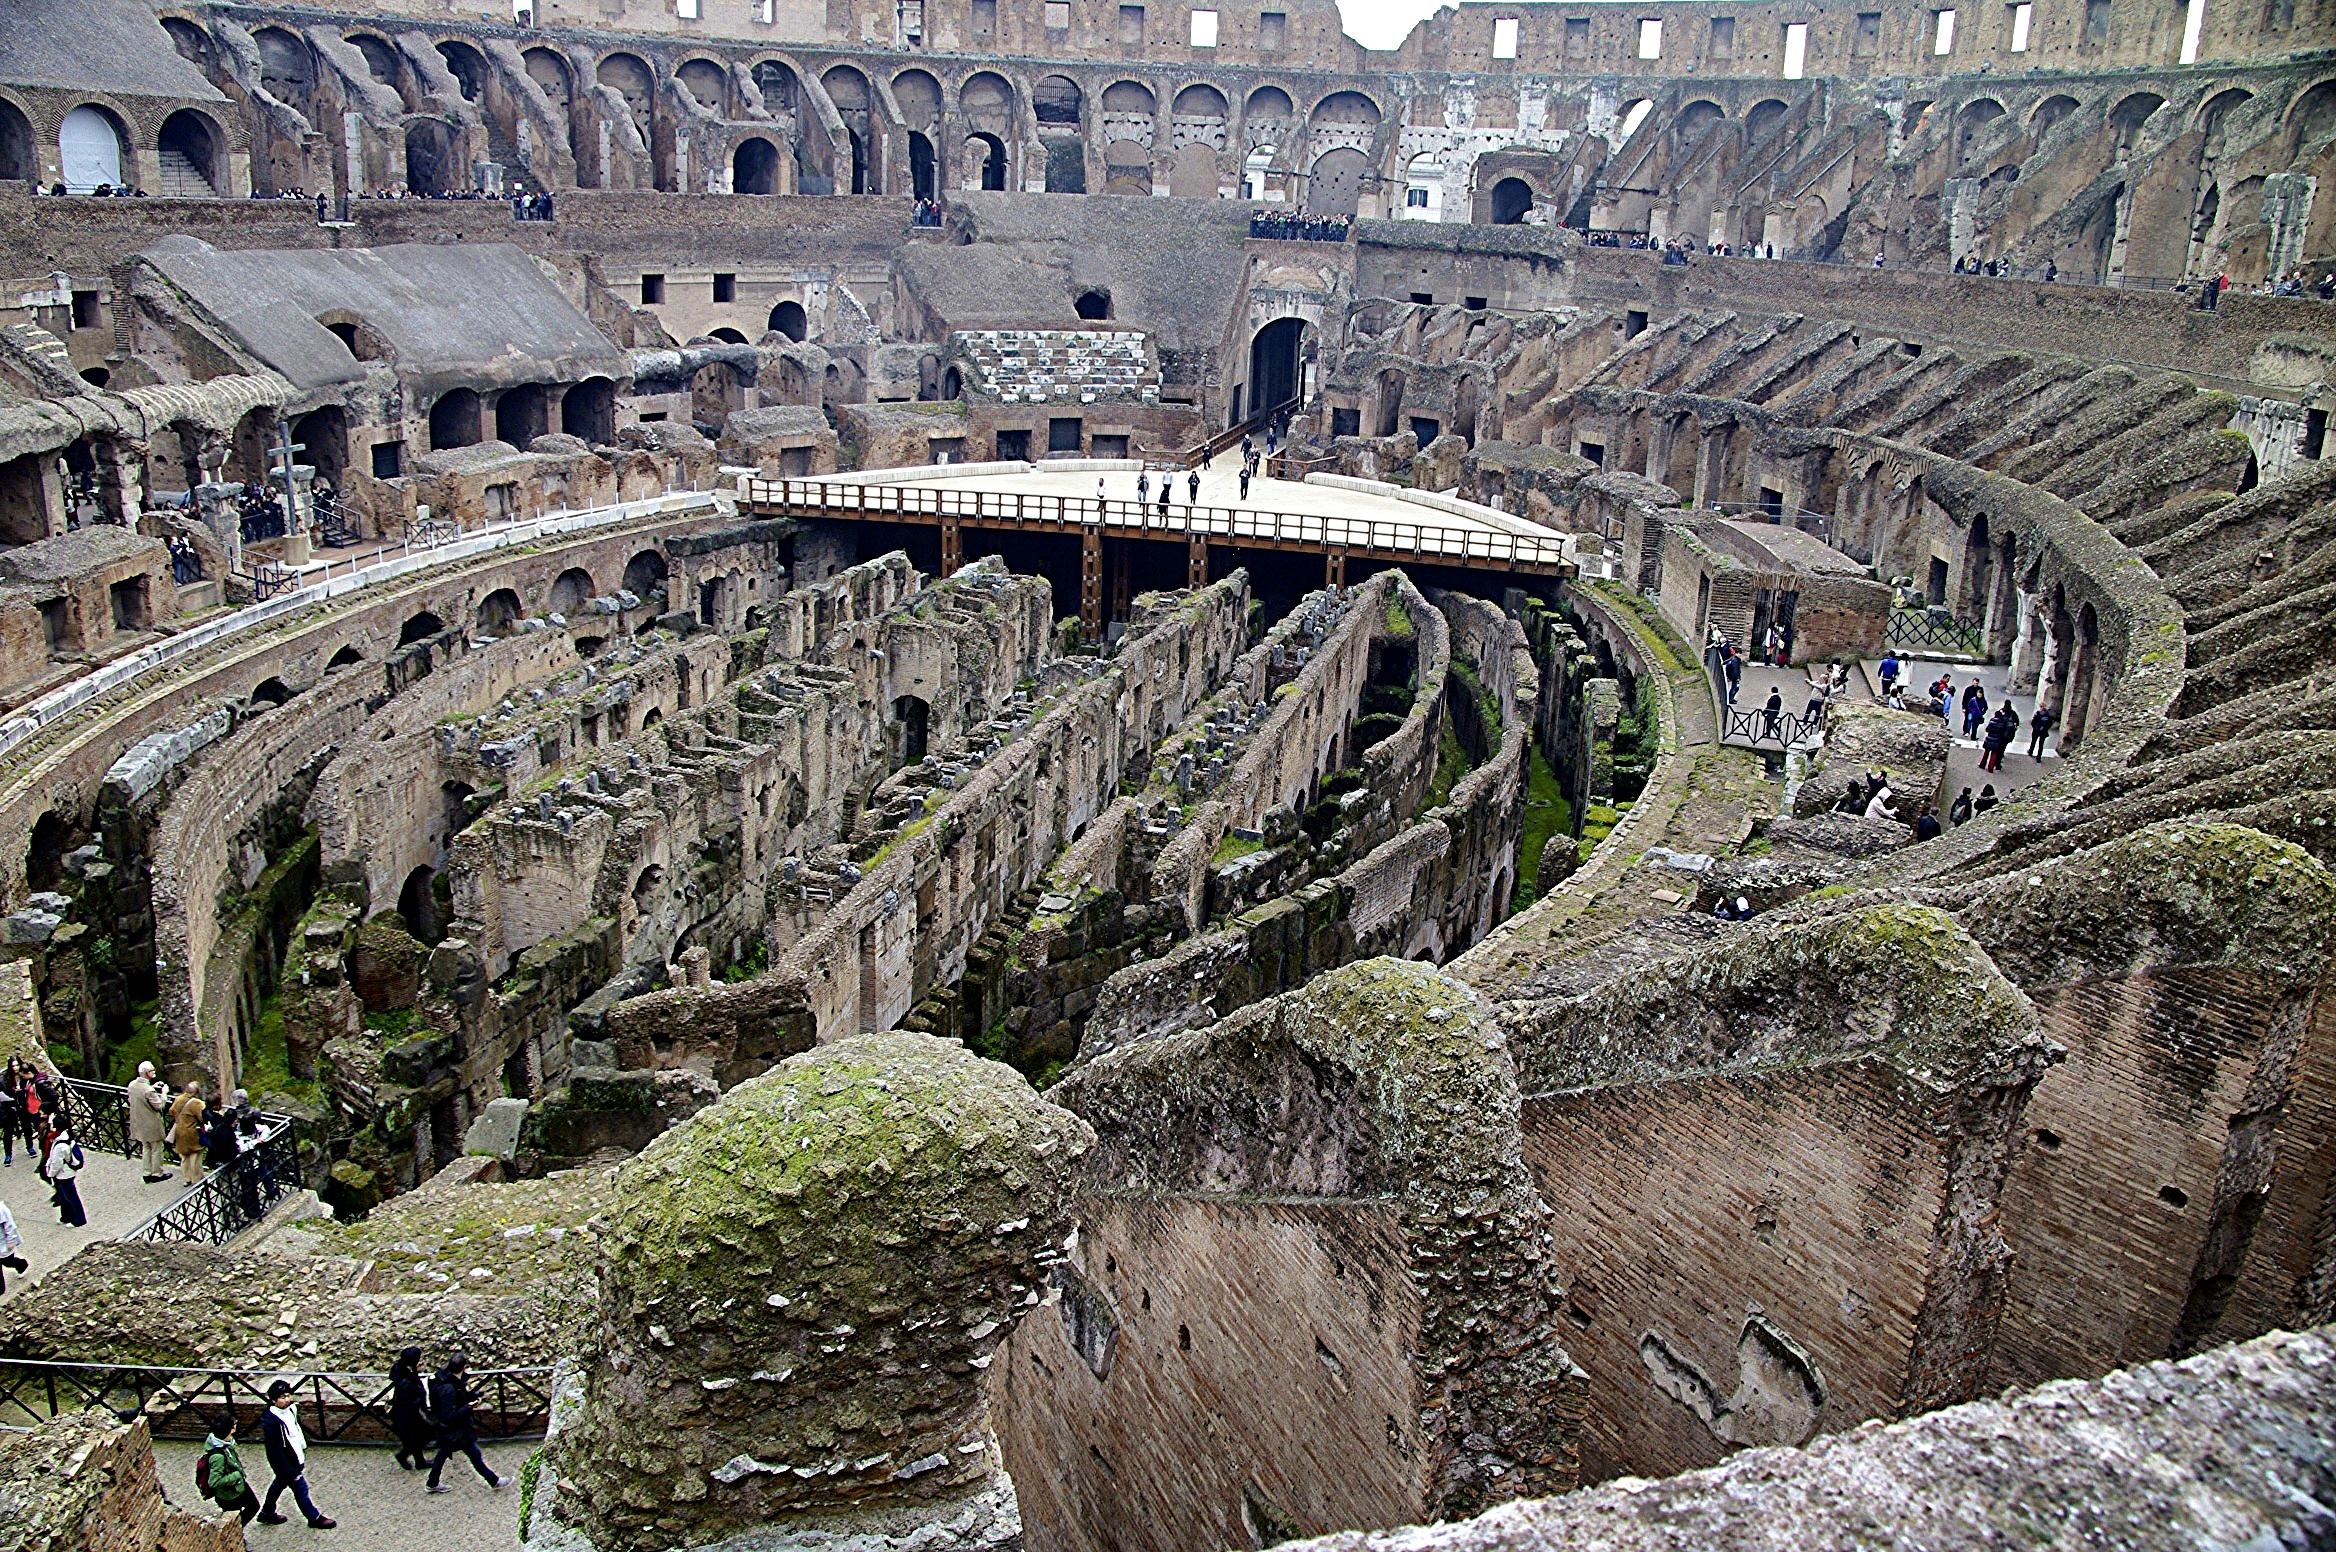 peut on visiter le colis e et le forum romain avec des. Black Bedroom Furniture Sets. Home Design Ideas